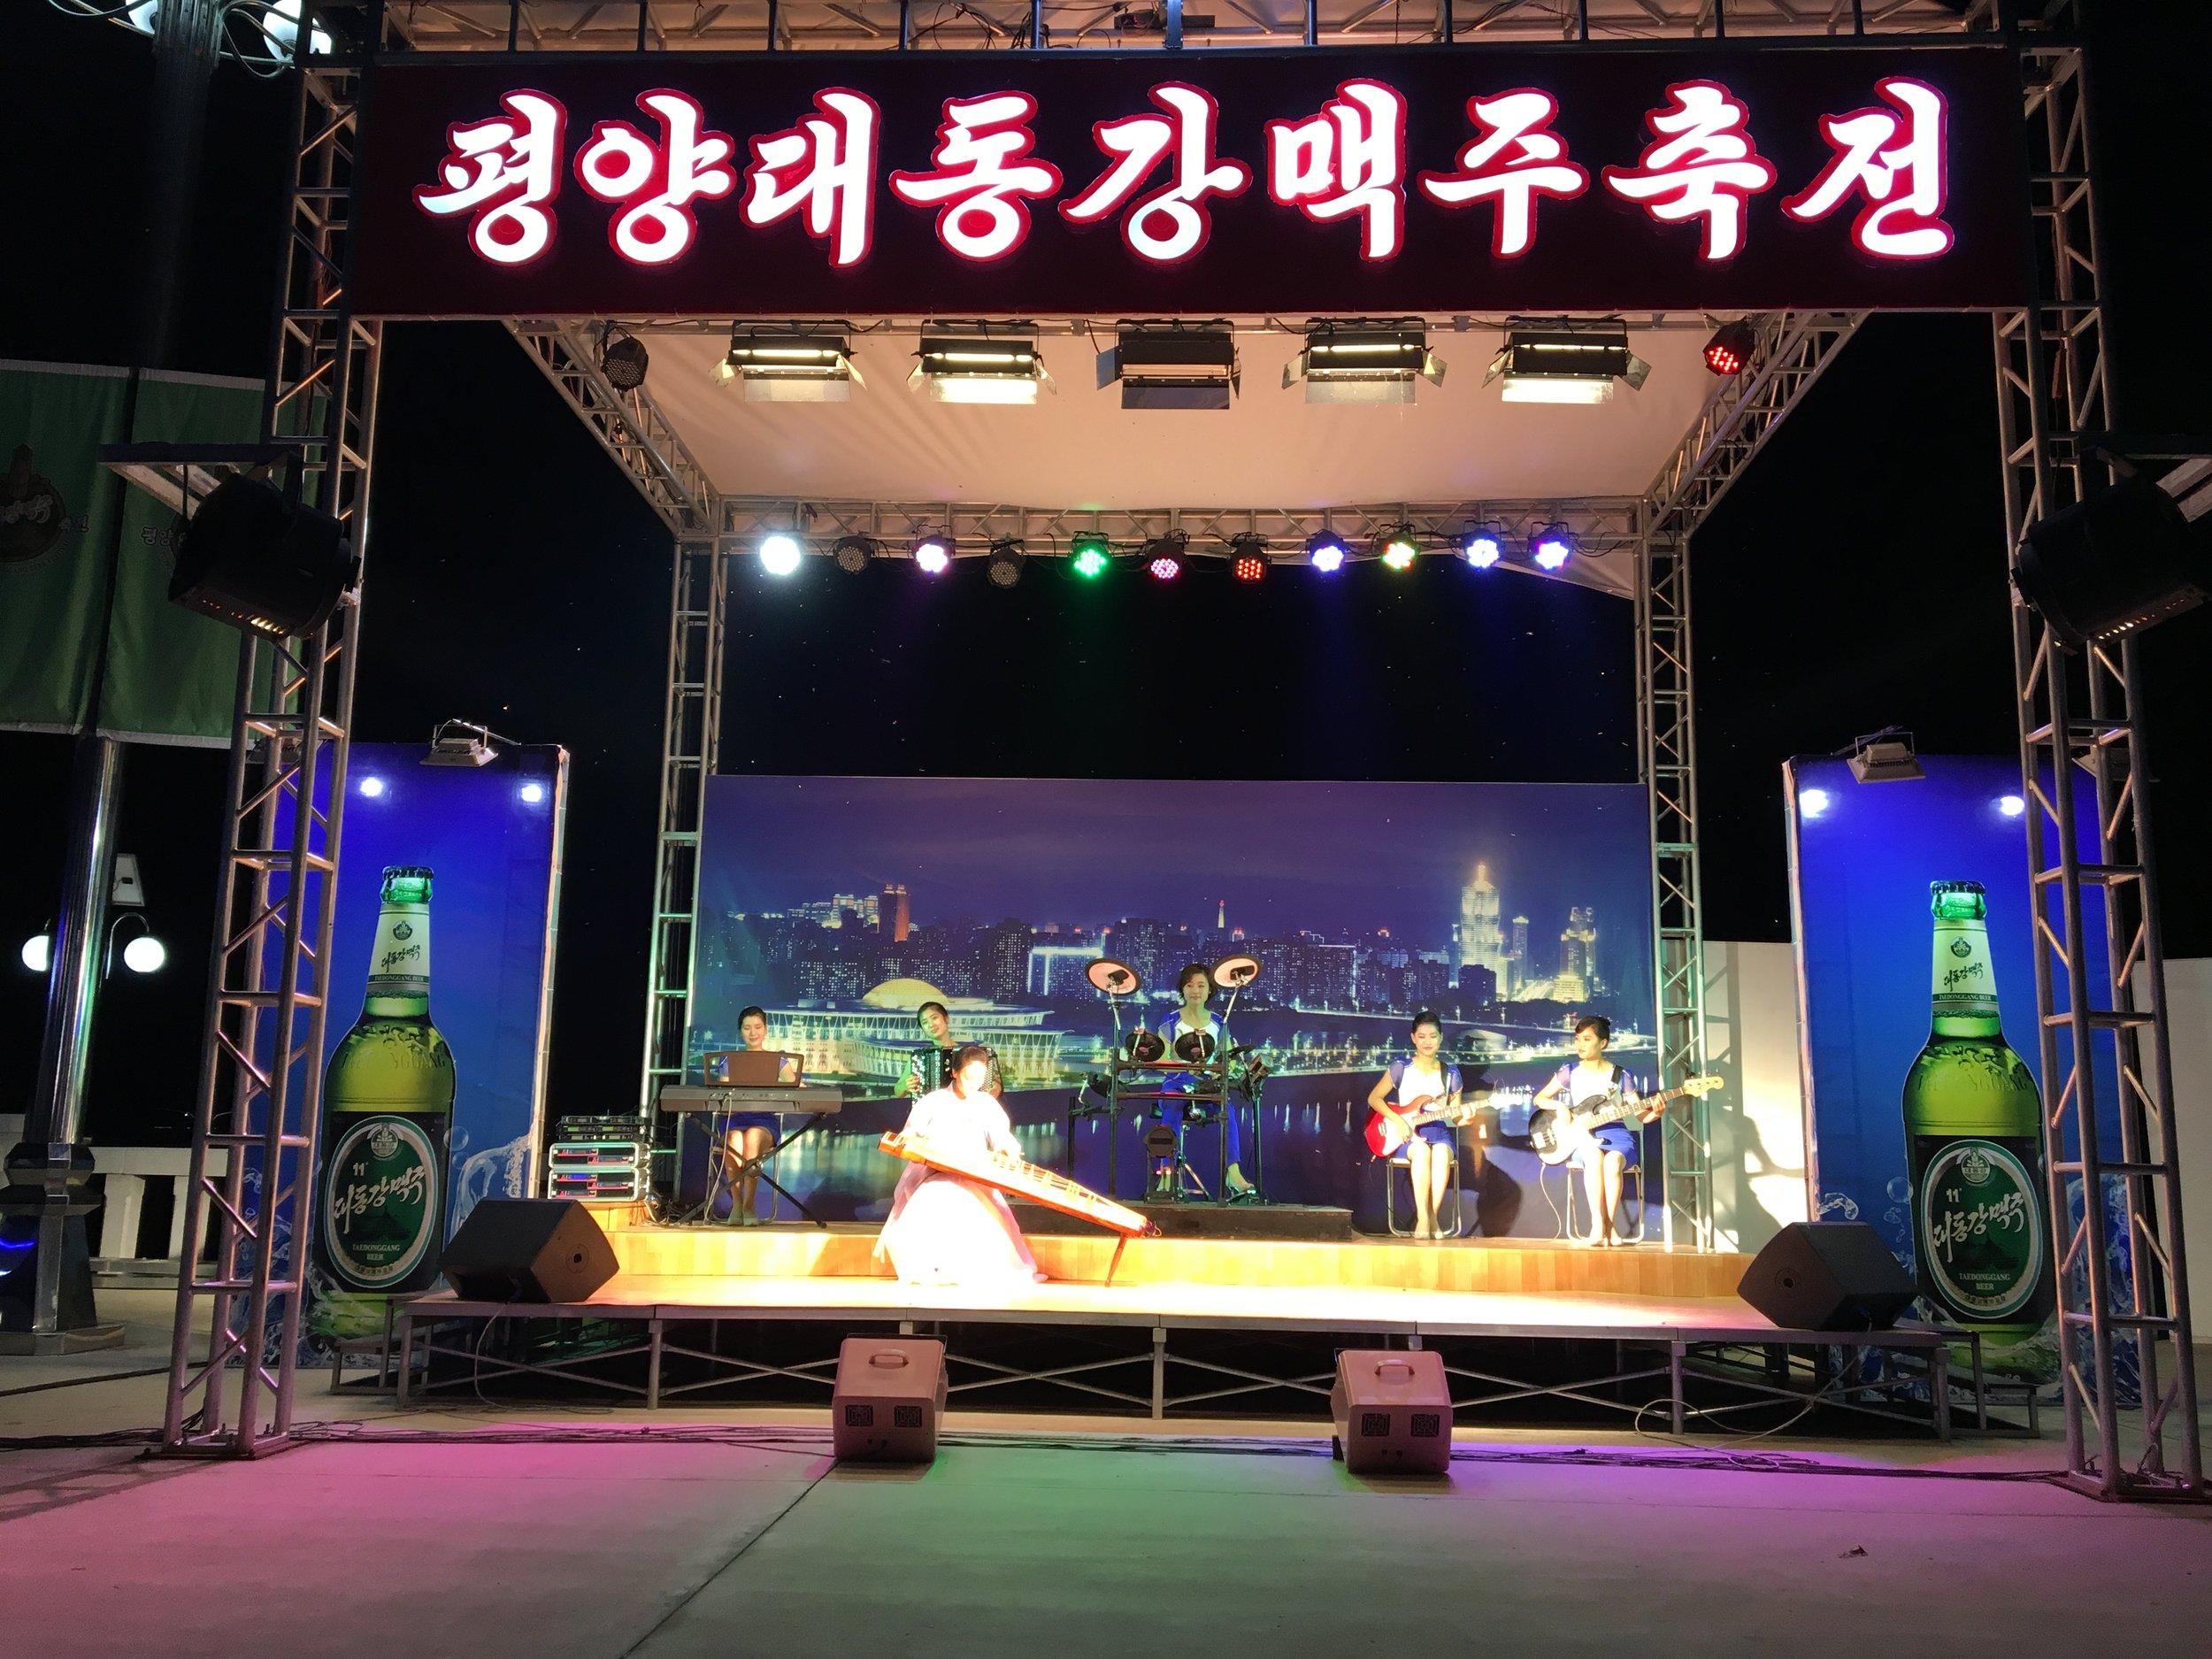 Guzhen performance